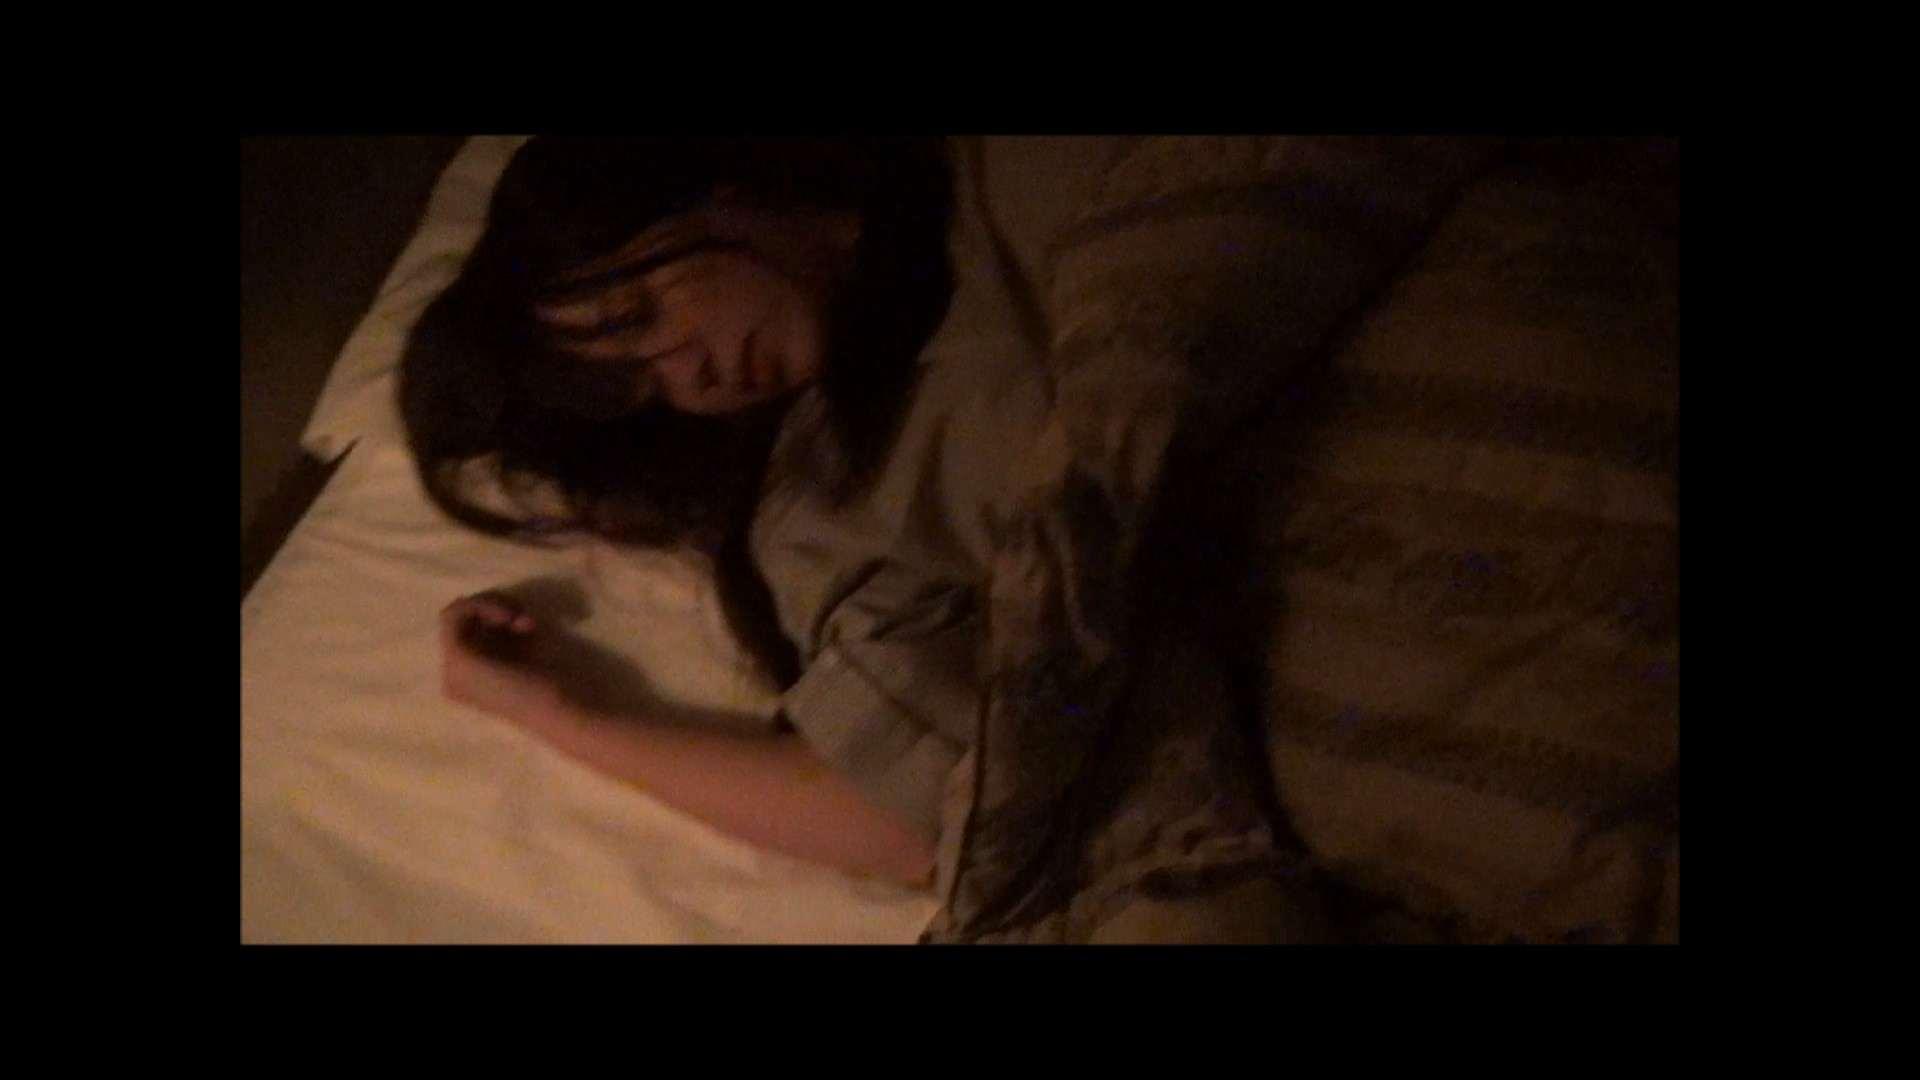 ヤリマンのオマンコ:vol.52  【Miiちゃん】駅地下FSモール靴屋店員20歳(3回目):怪盗ジョーカー